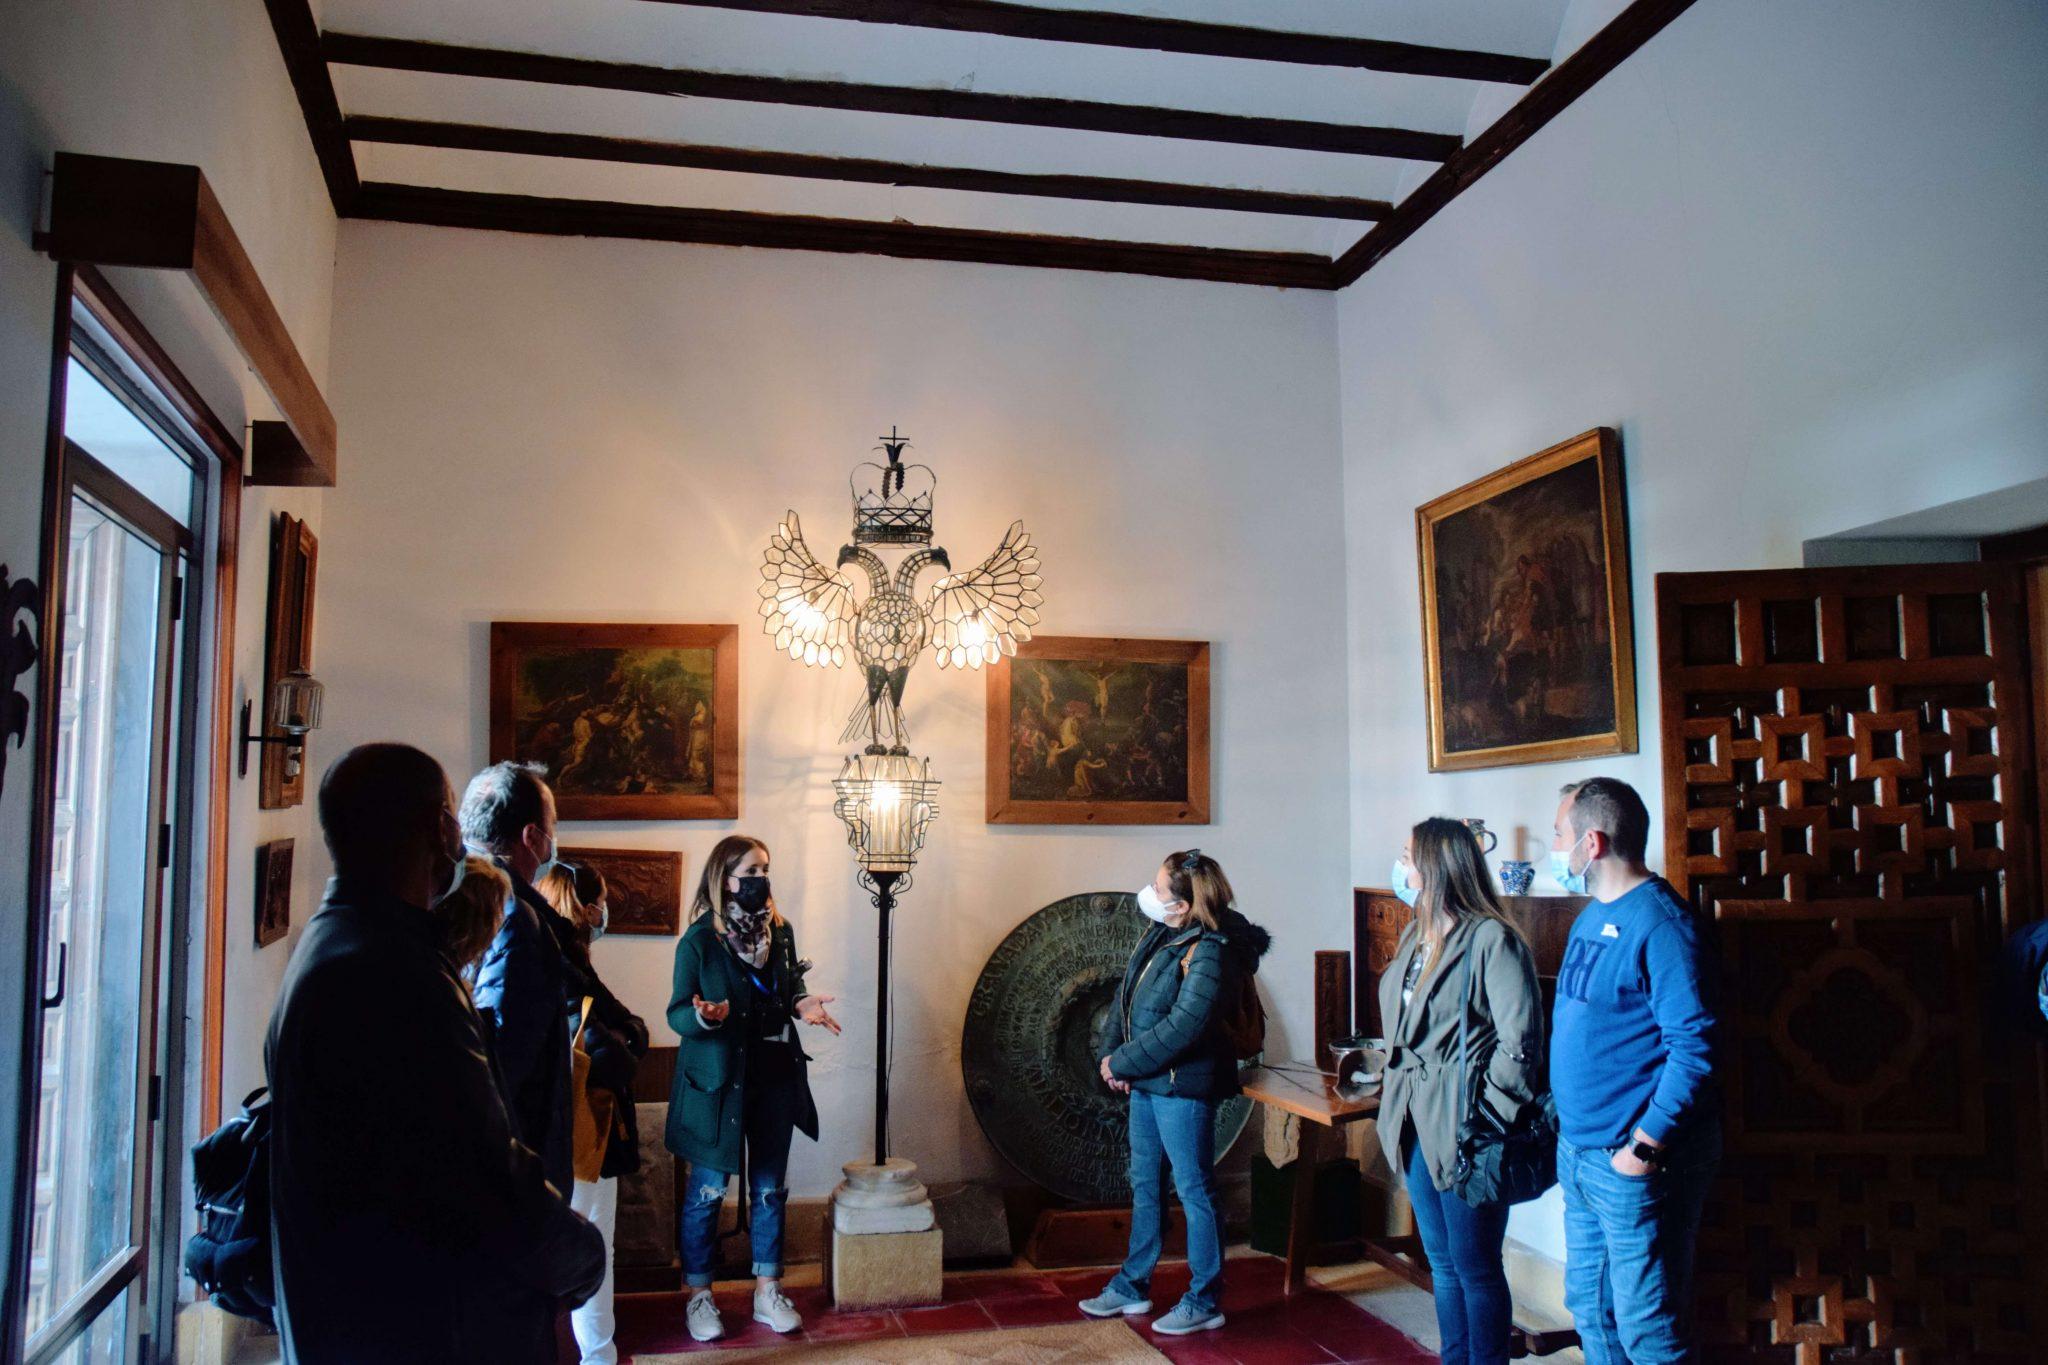 Visita guiada Ubeda. Palacio Vela de los Cobos